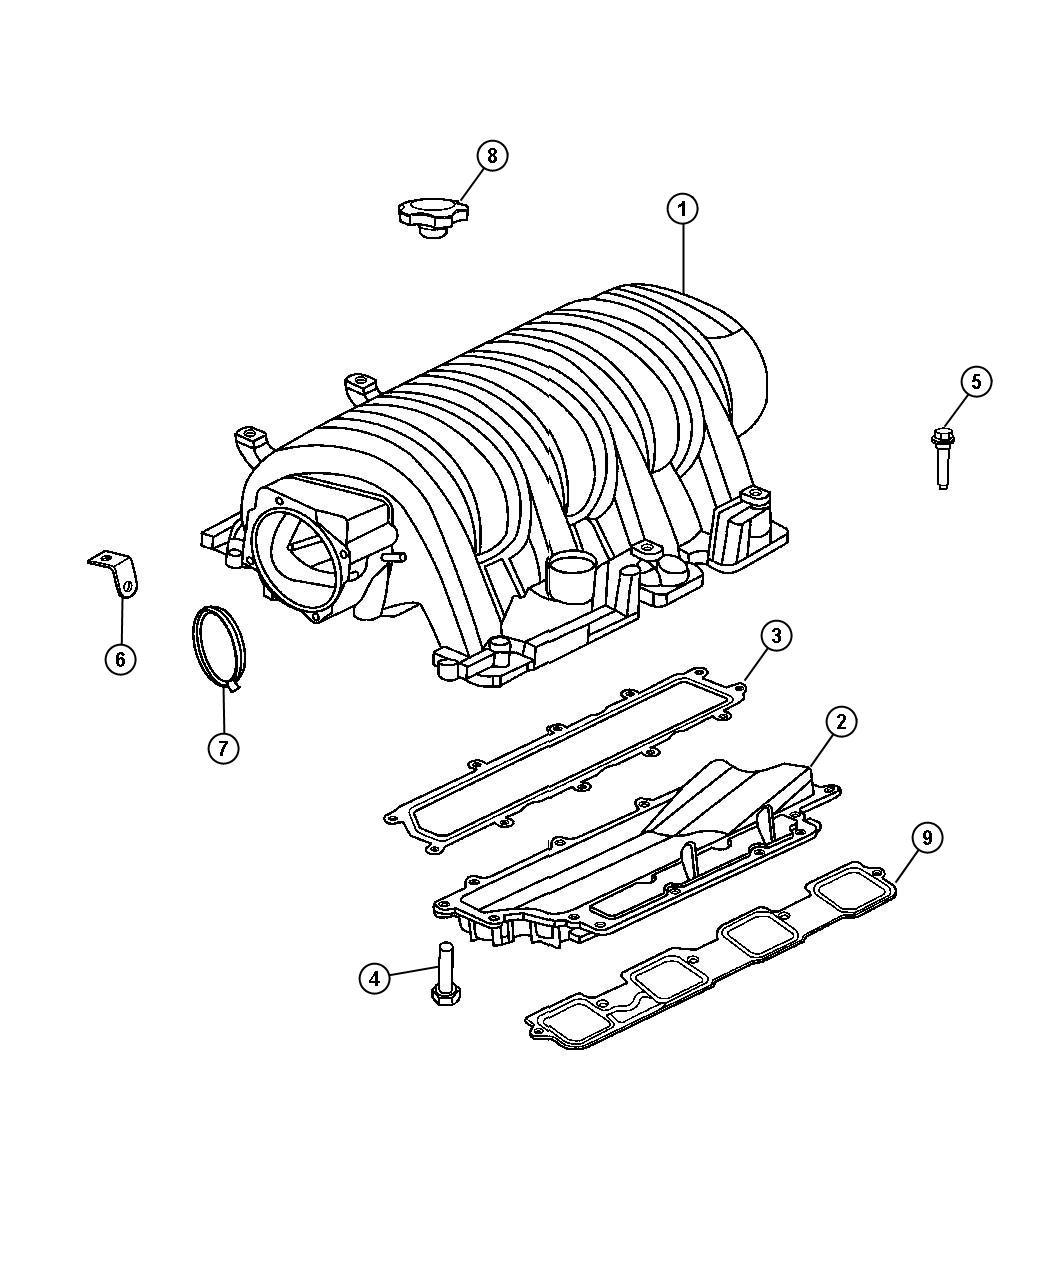 Chrysler 300 Intake Manifold